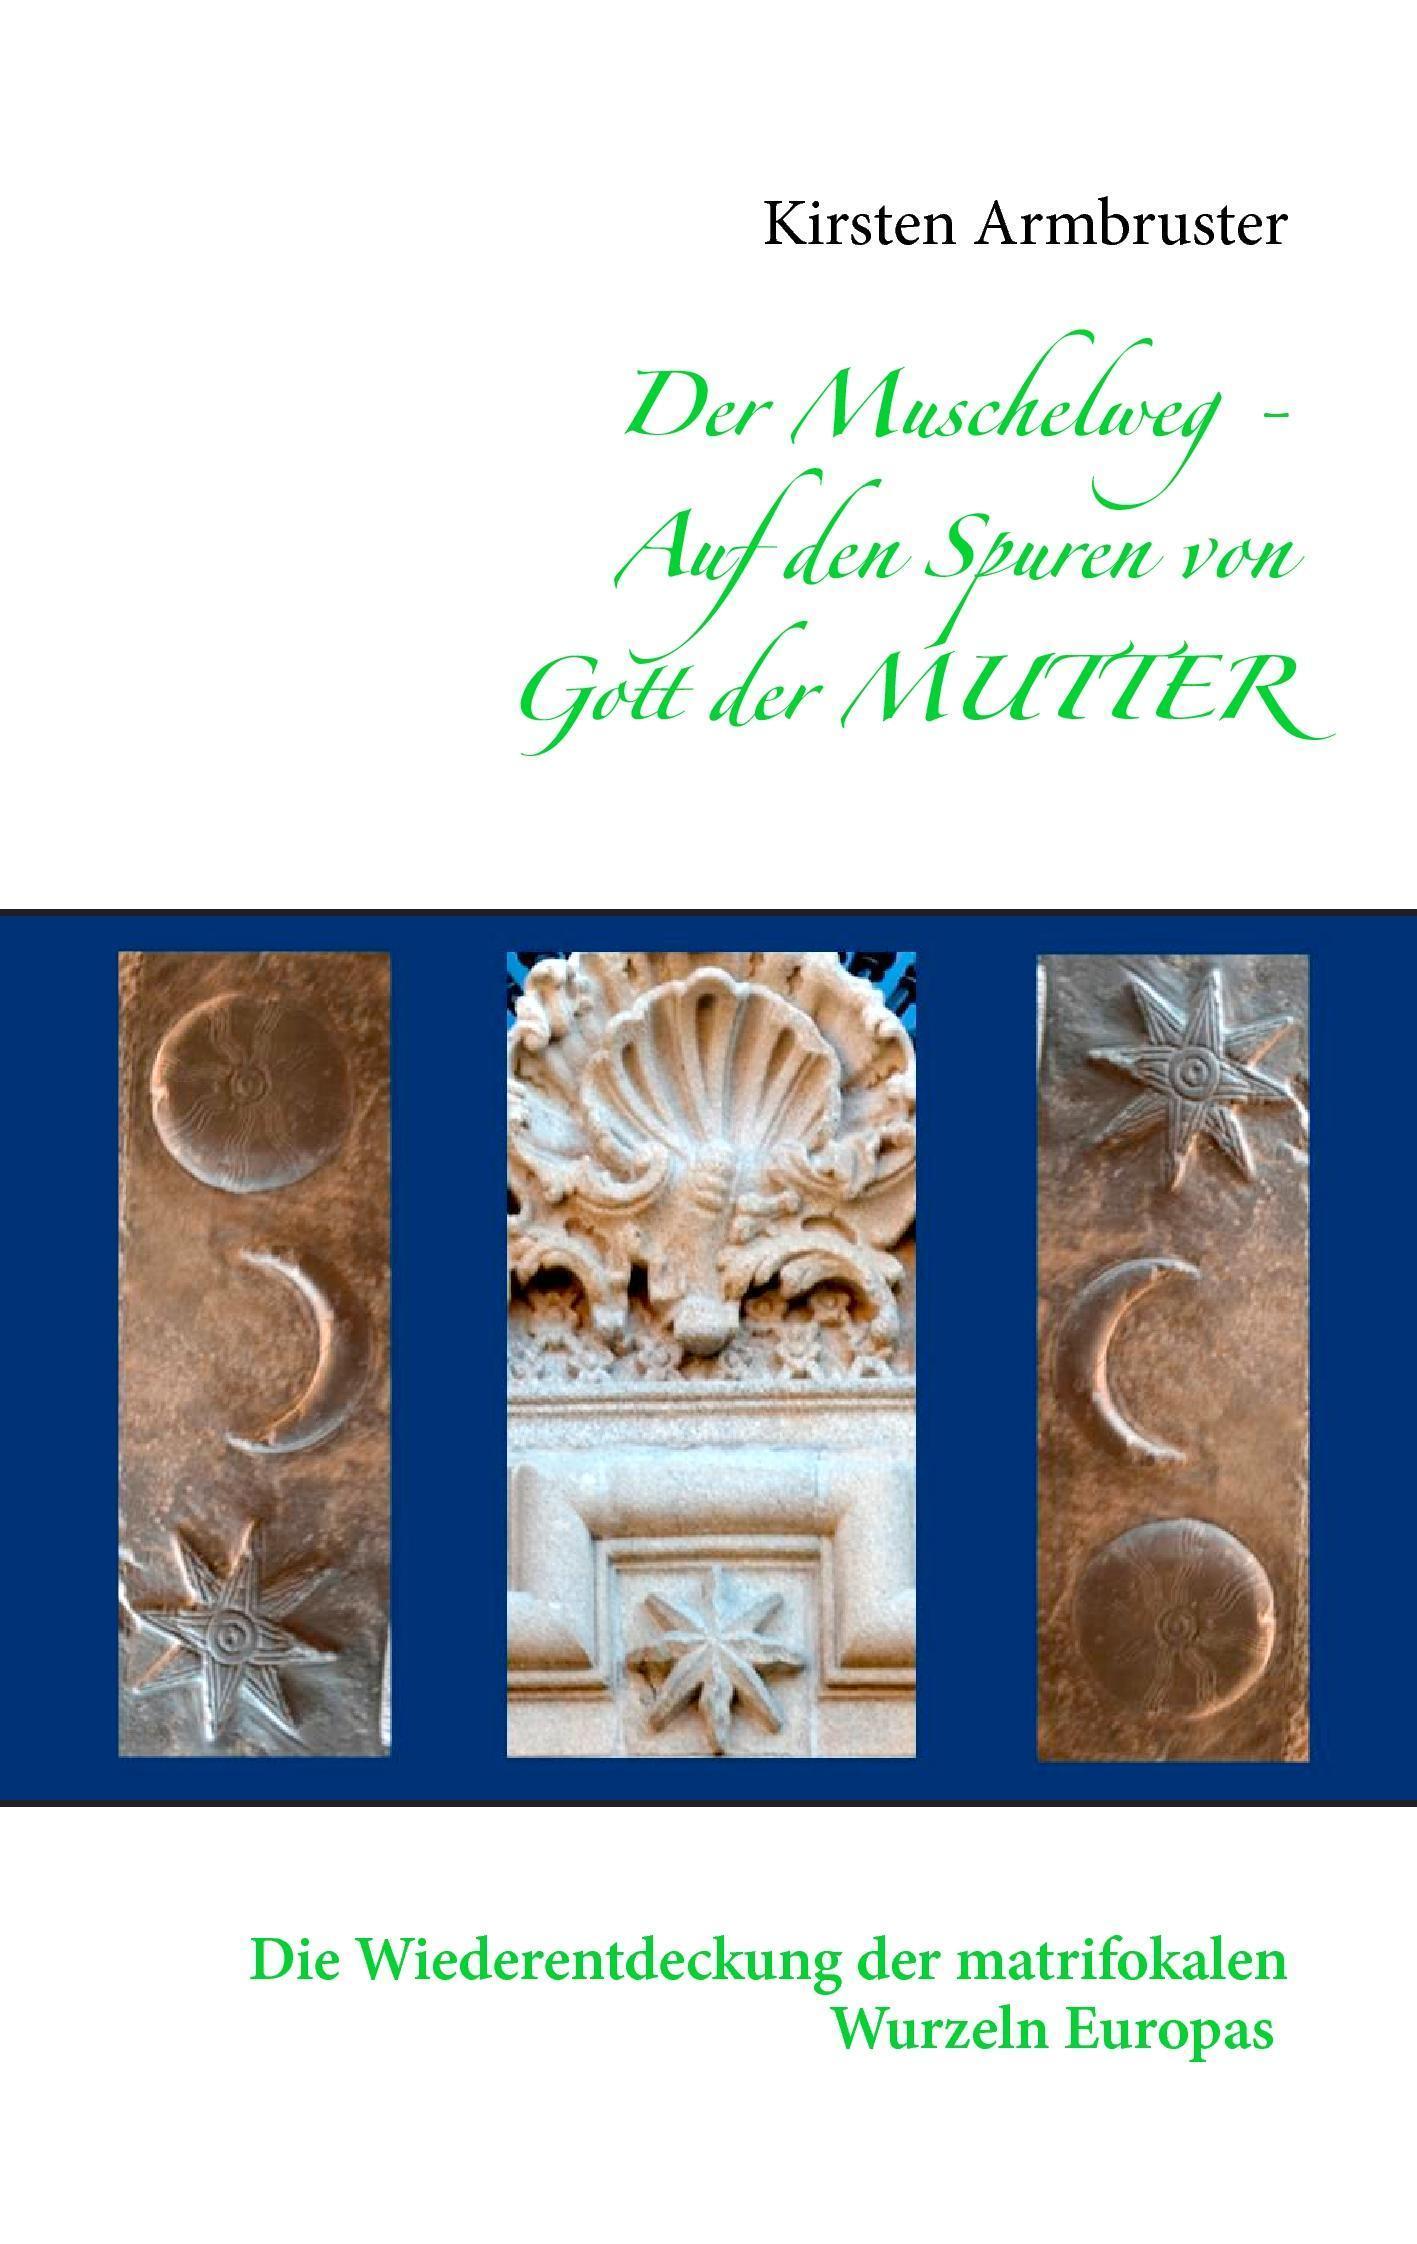 Der Muschelweg - Auf den Spuren von Gott der Mutter Kirsten Armbruster